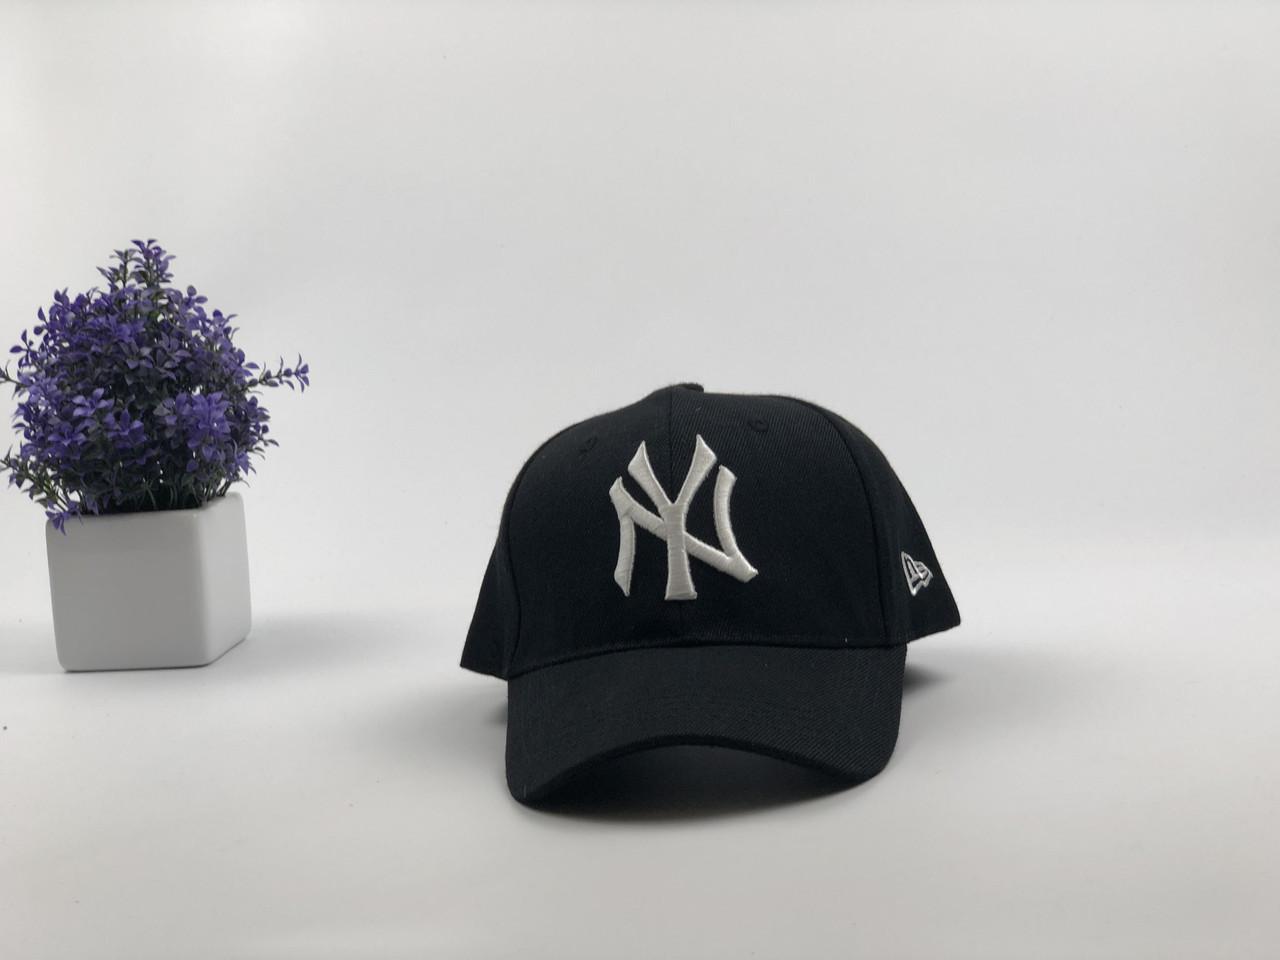 Кепка бейсболка New York Yankees с наклейками (черная, белый лого)